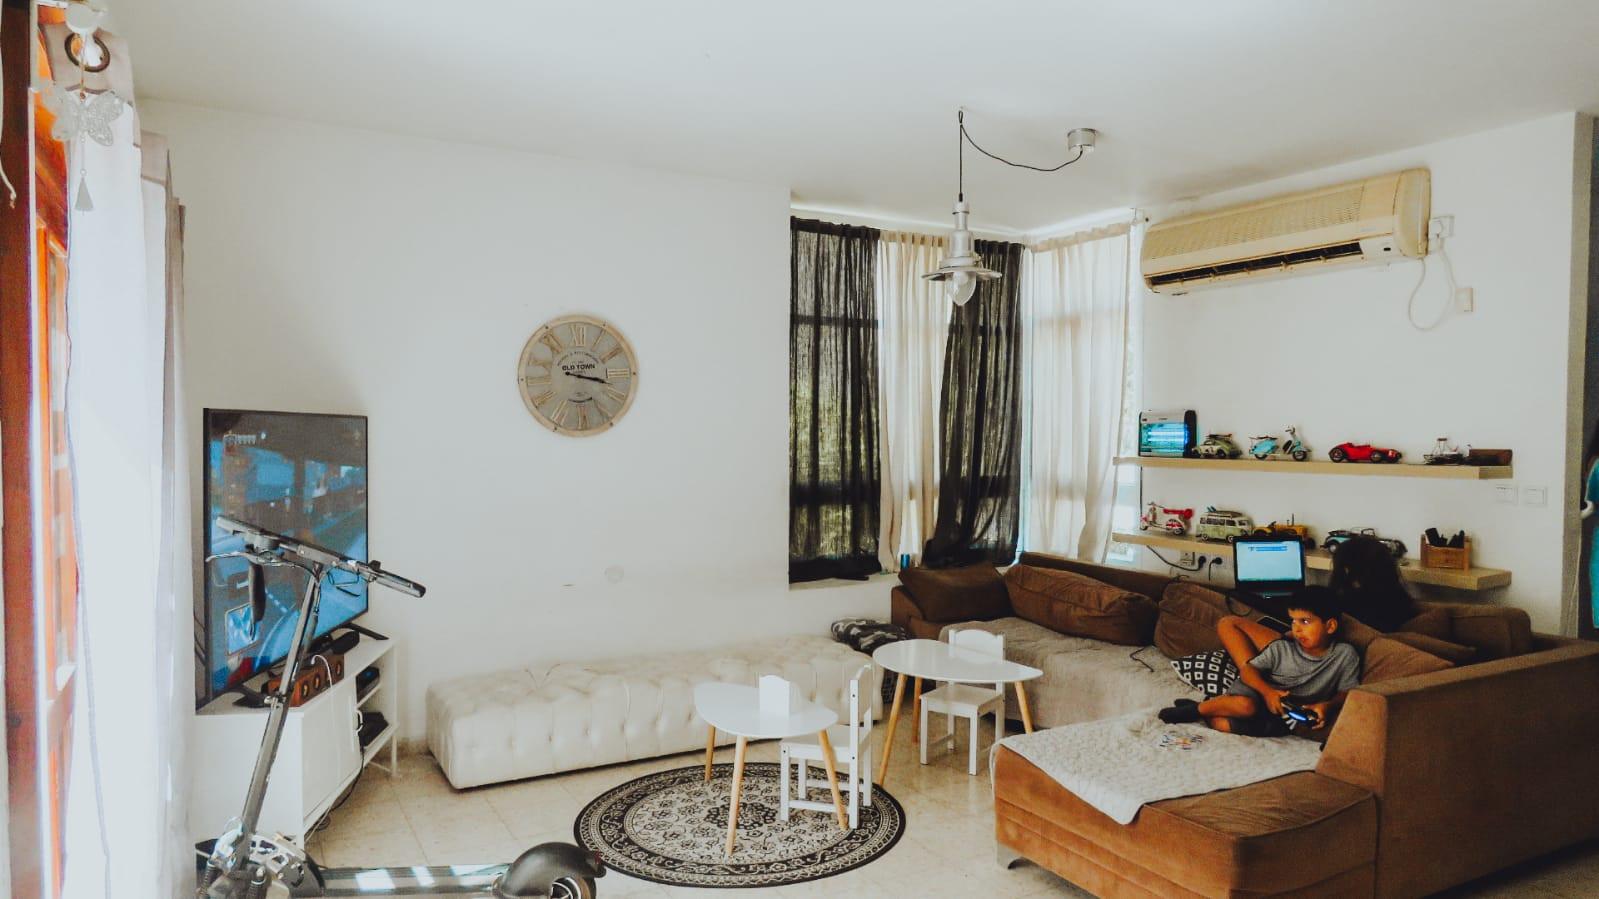 בית למכירה בחרוצים- הסלון